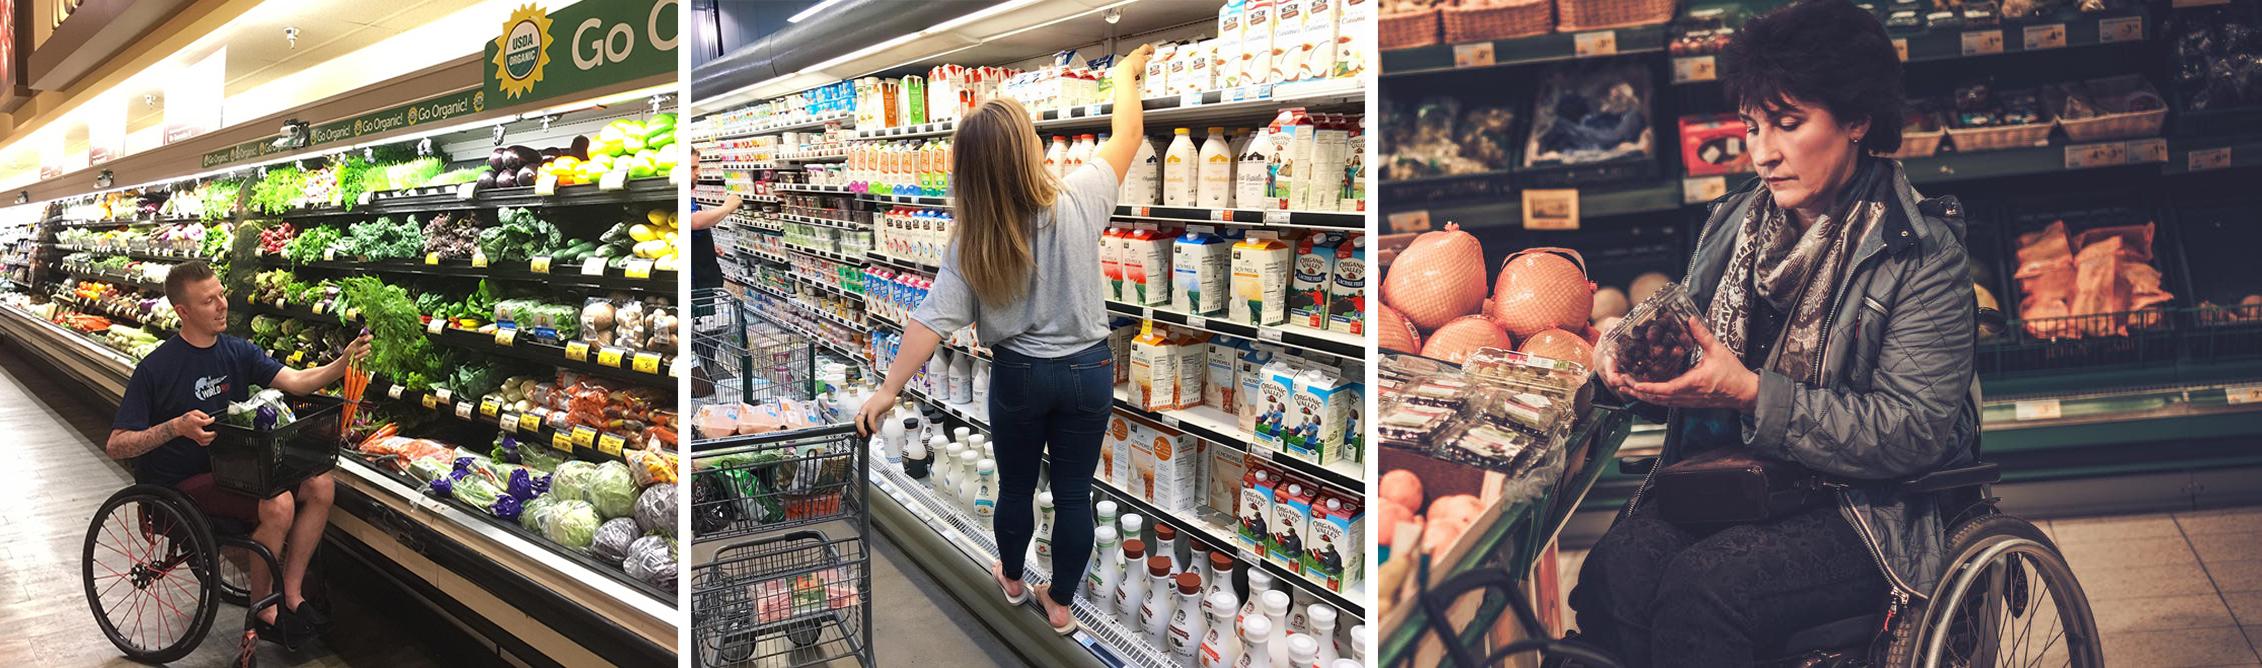 Lo scaffale inclusivo: disabilità e posizionamento in-store dei prodotti